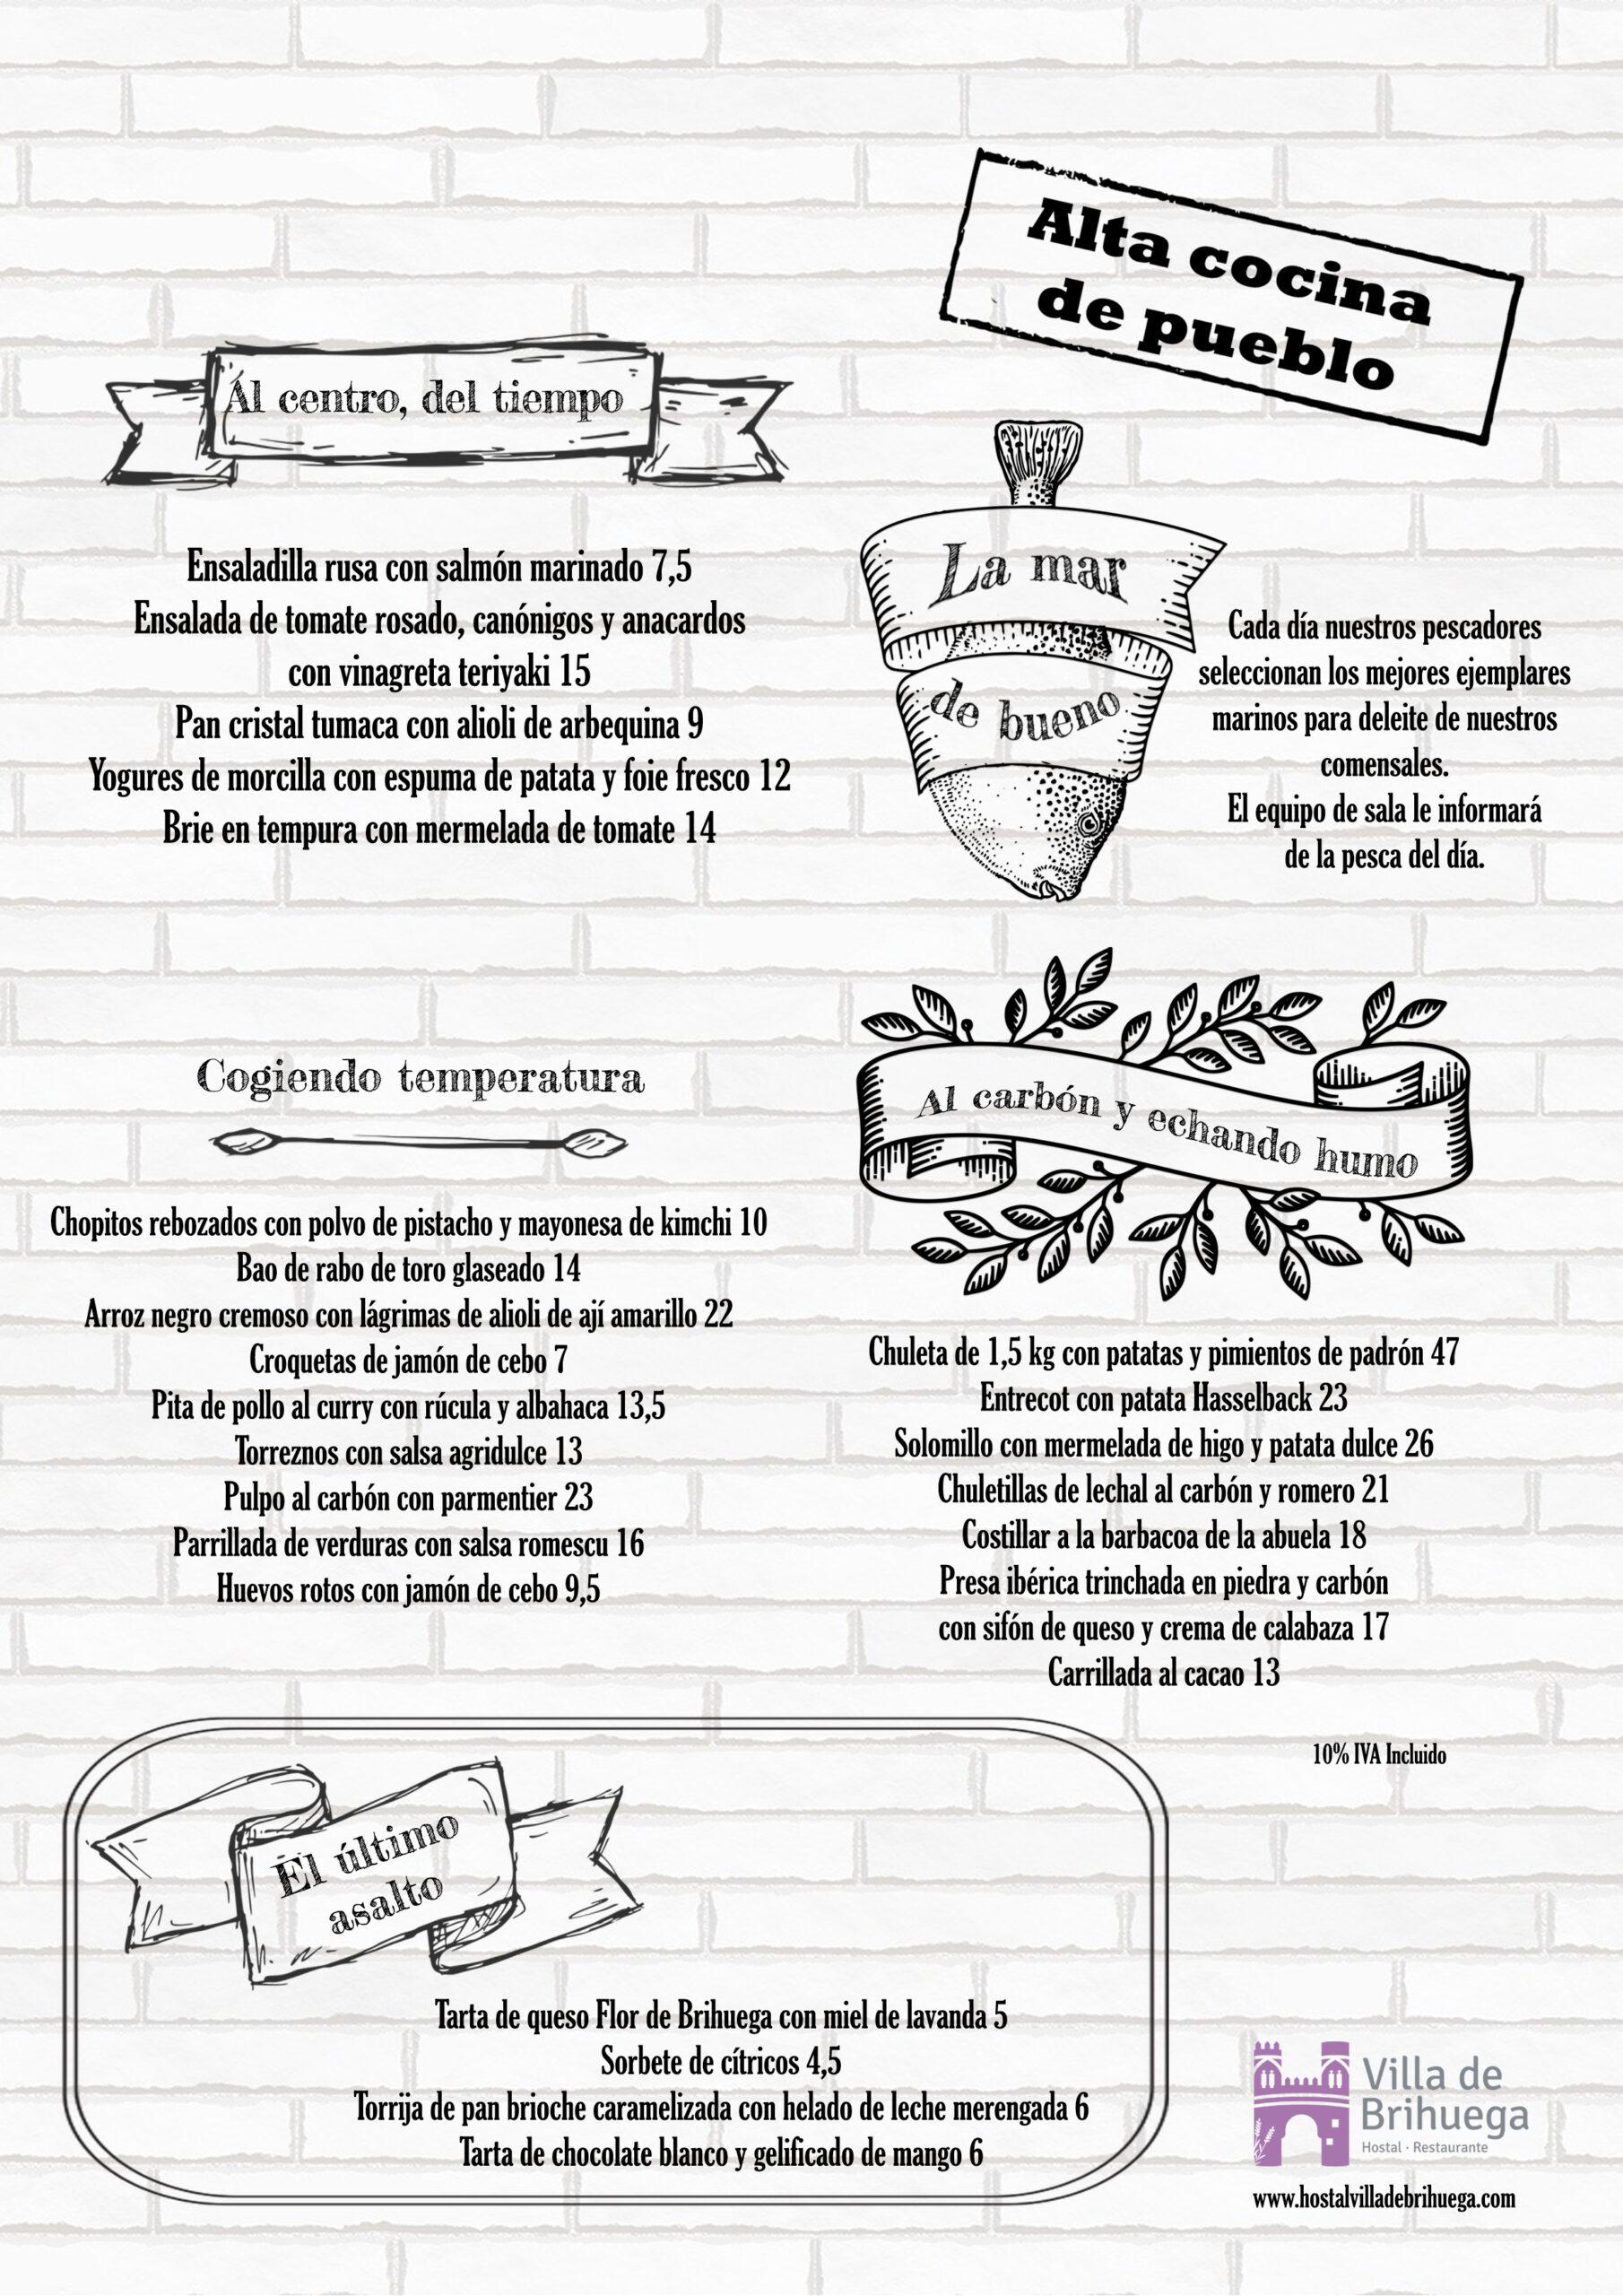 carta-restaurante-villa-de-brihuega